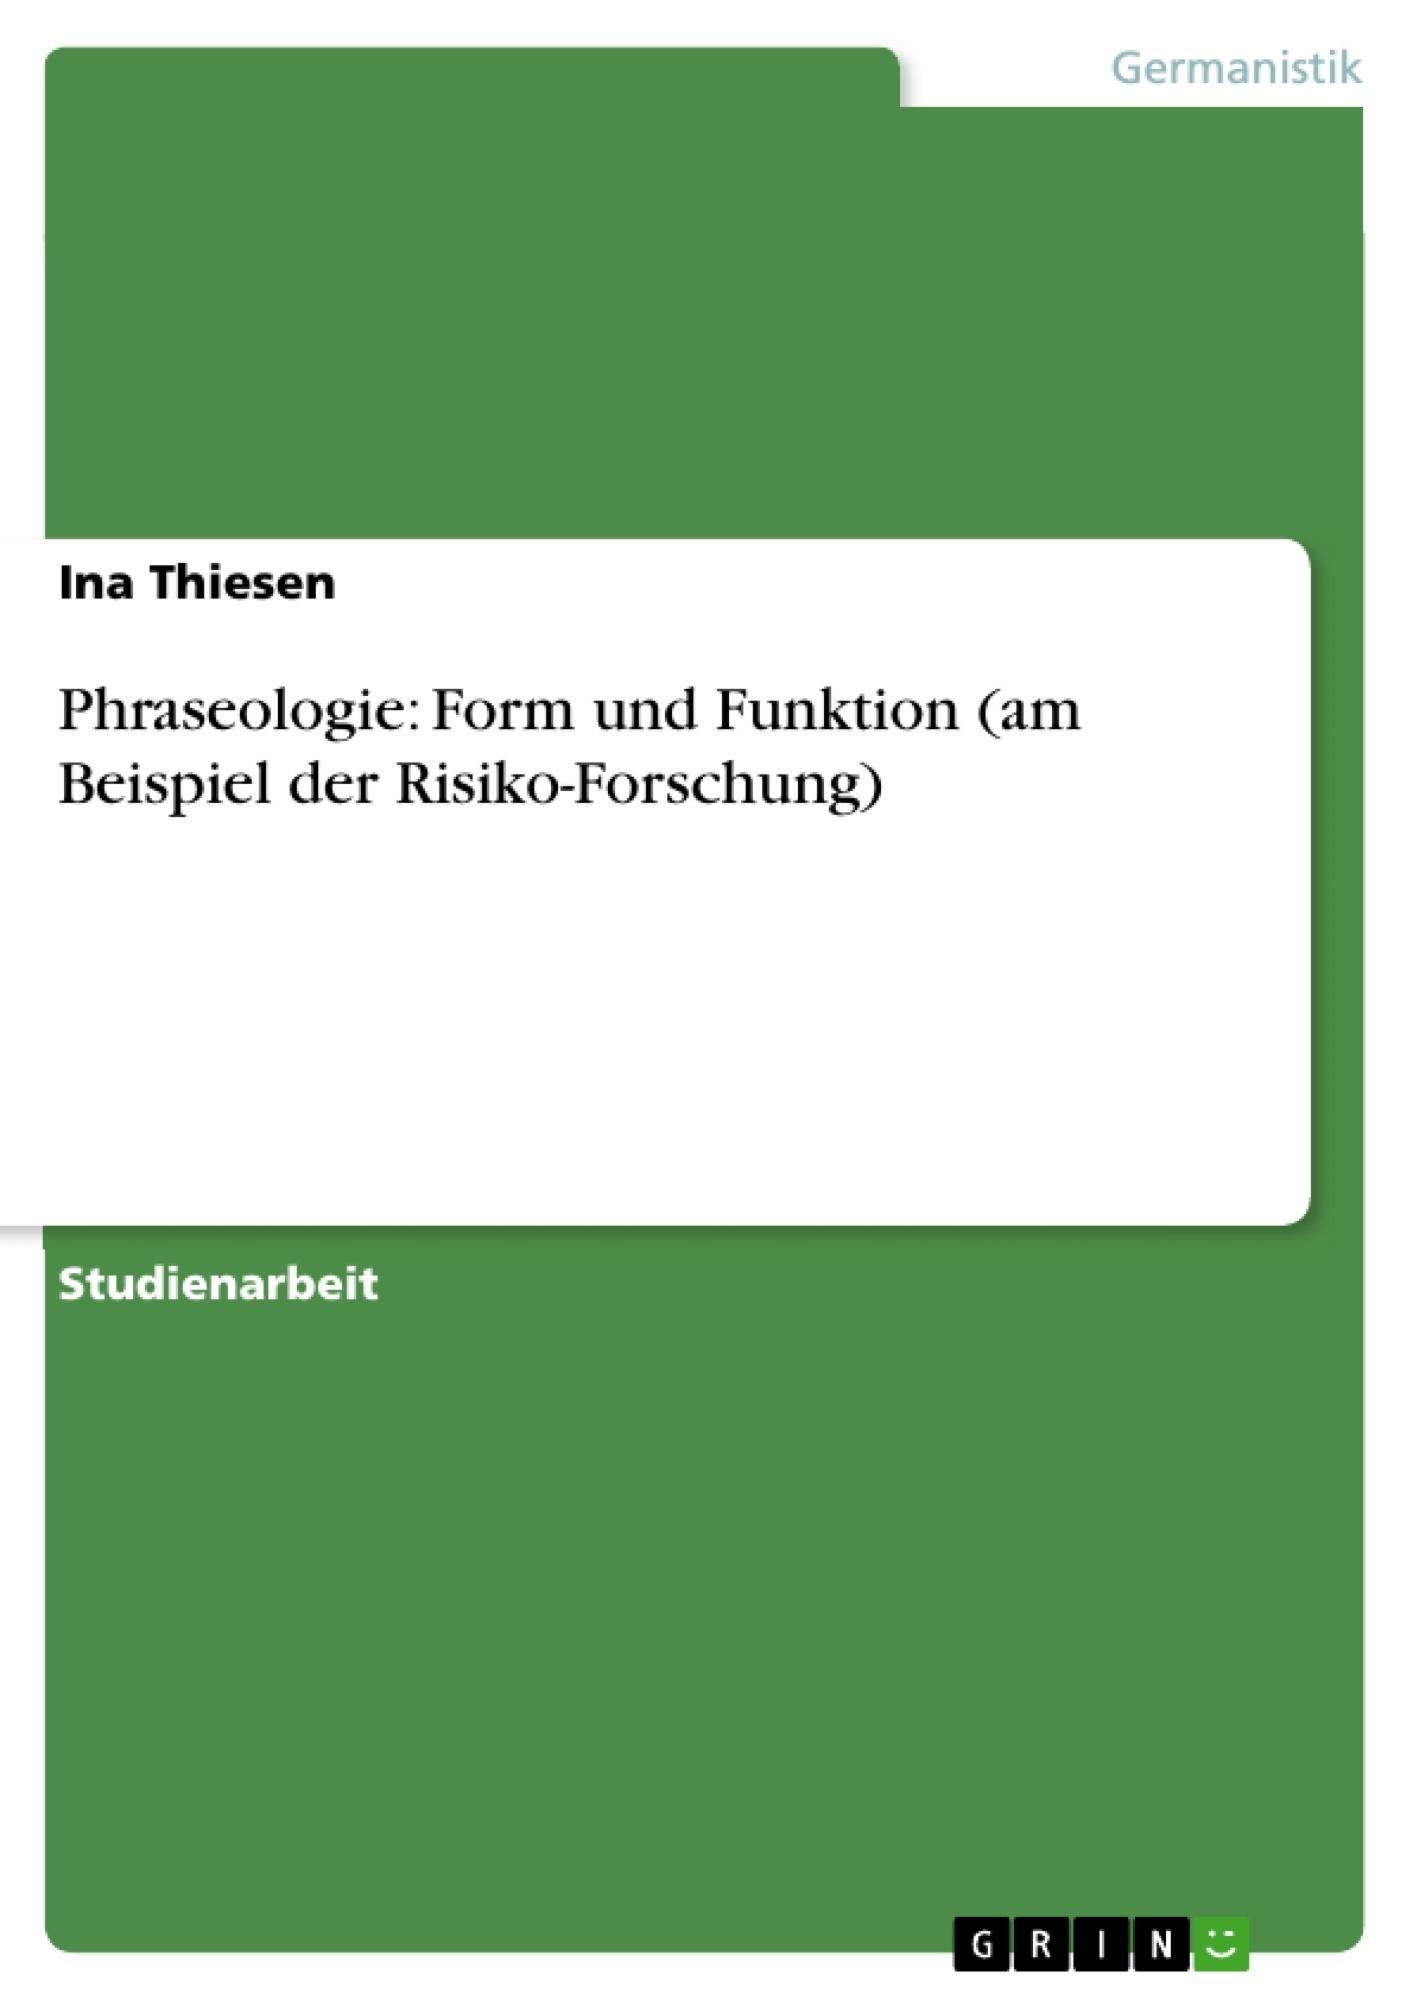 Titel: Phraseologie: Form und Funktion (am Beispiel der Risiko-Forschung)